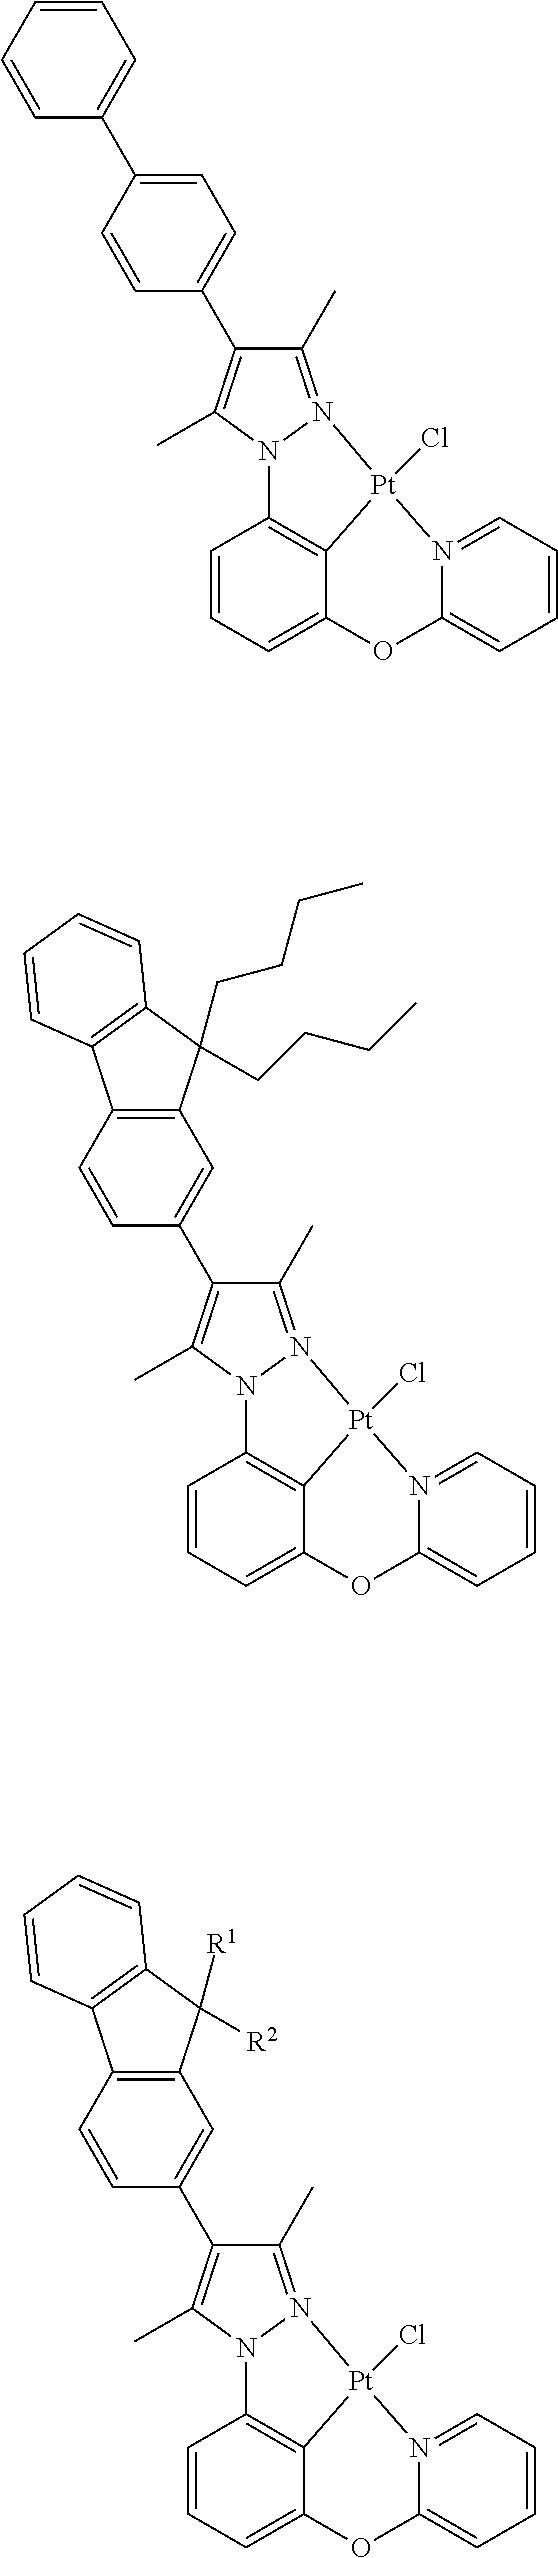 Figure US09818959-20171114-C00501